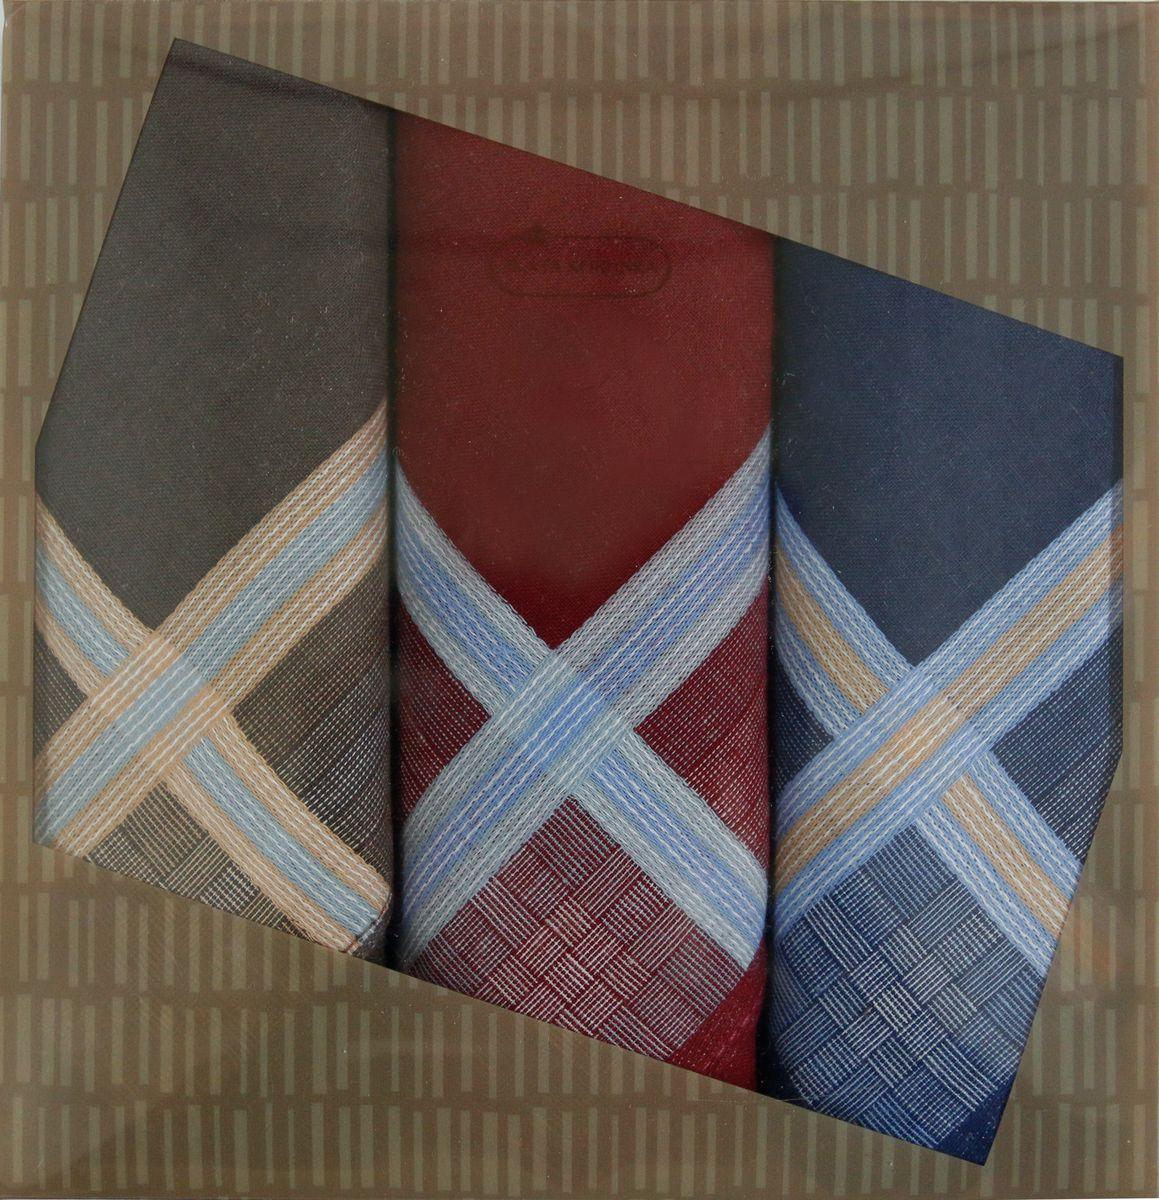 Платок носовой мужской Zlata Korunka, цвет: бордовый, синий, коричневый, 3 шт. 40315-1. Размер 43 см х 43 см39864|Серьги с подвескамиМужской носовой платой Zlata Korunka изготовлен из натурального хлопка, приятен в использовании, хорошо стирается, материал не садится и отлично впитывает влагу. Оформлена модель контрастным принтом.